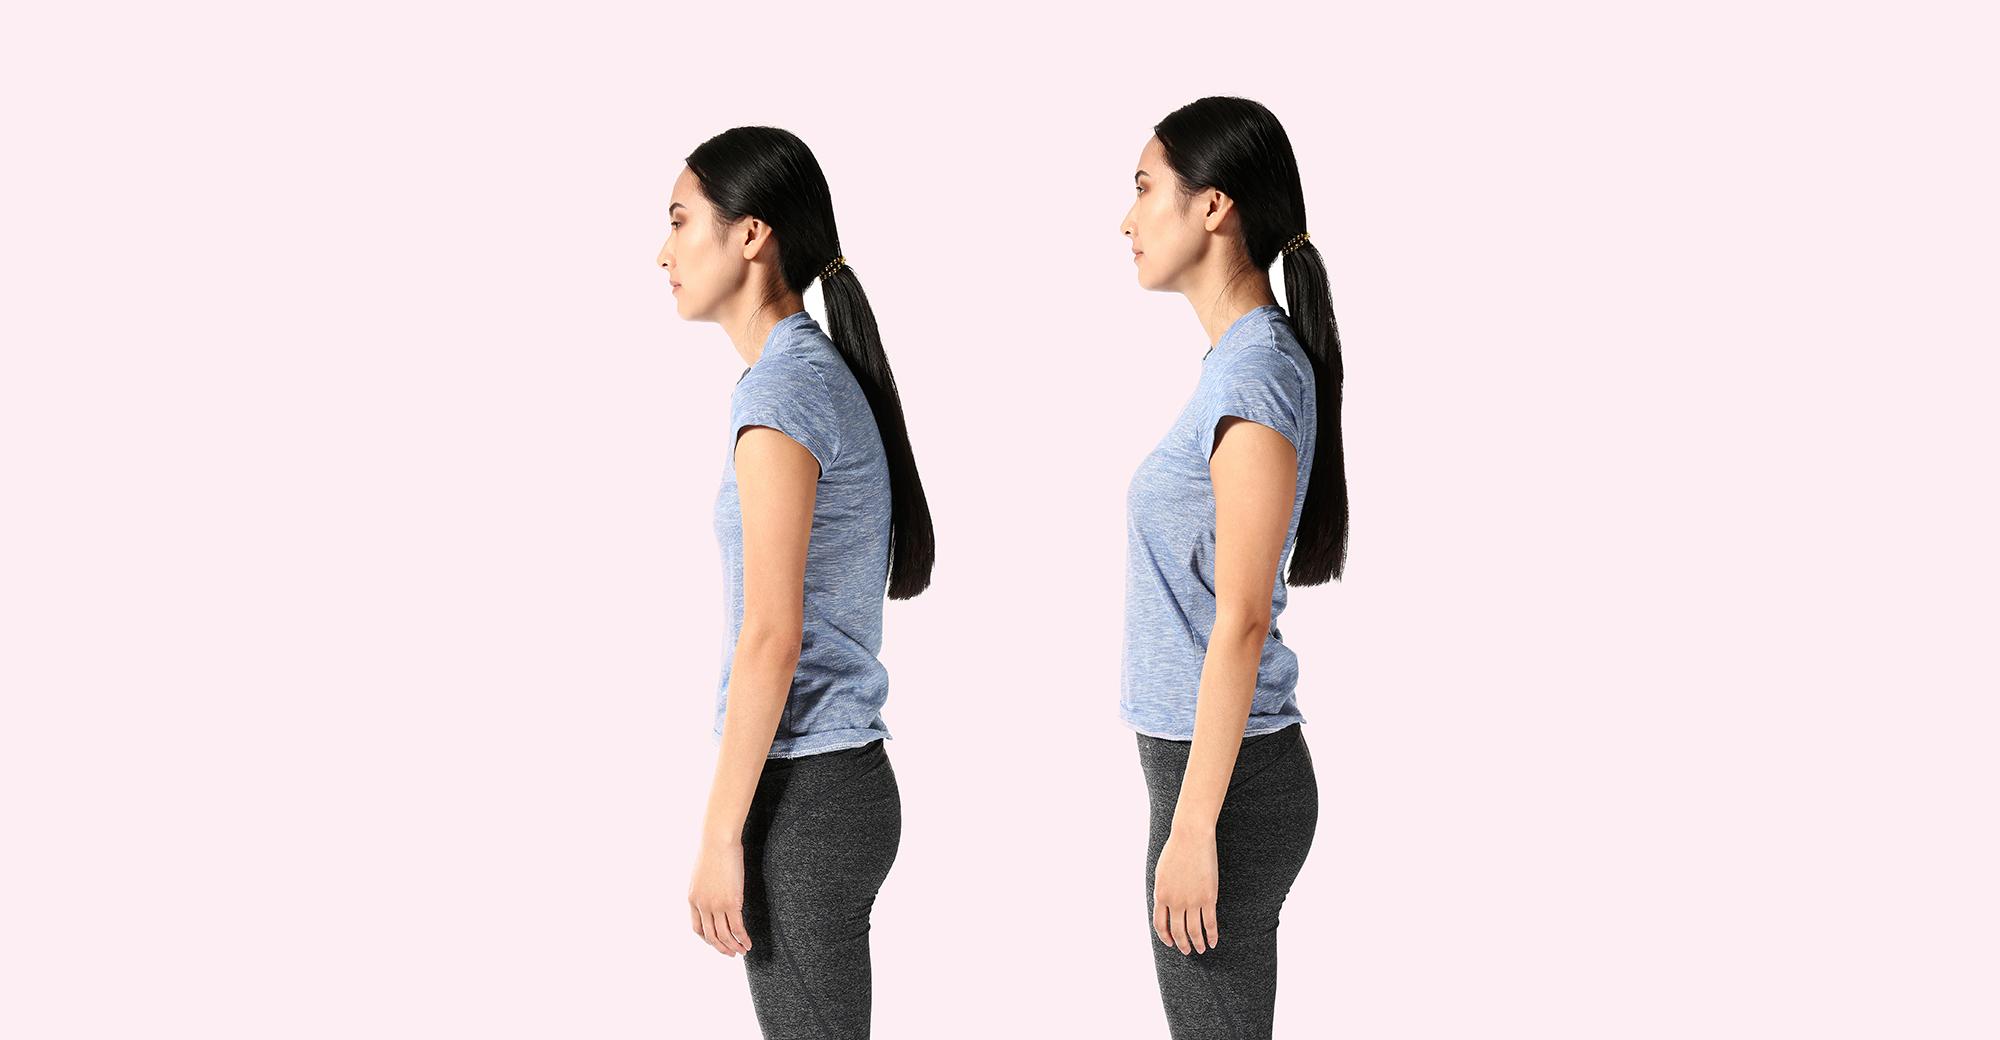 7 Best Posture Correctors for Women in 2020